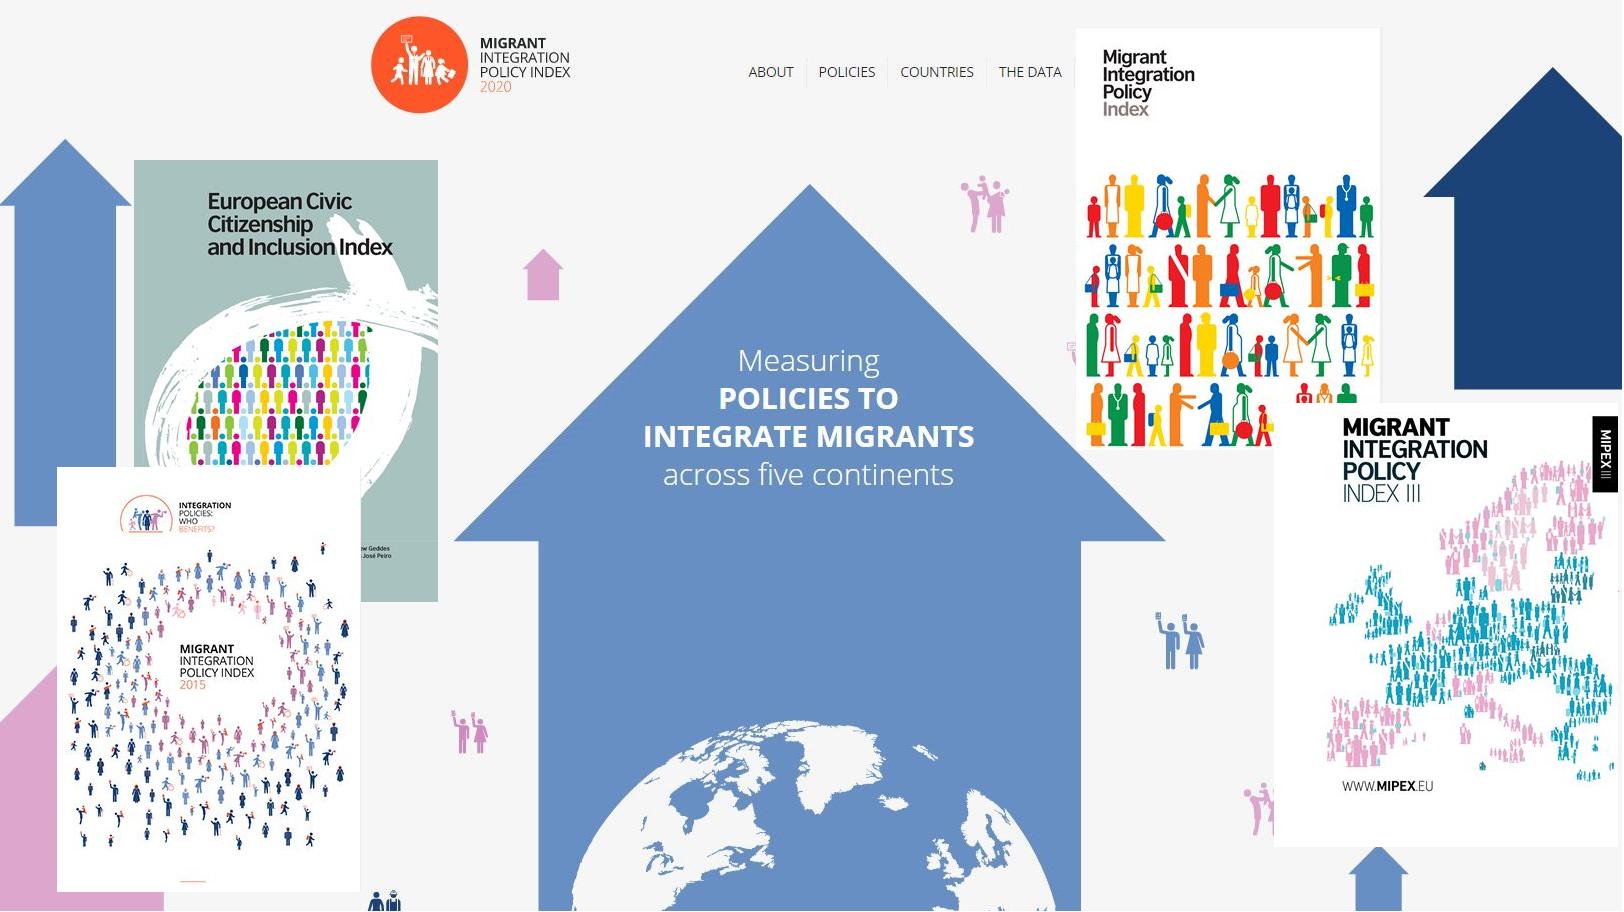 Norge faller i integrationsindex - eller?